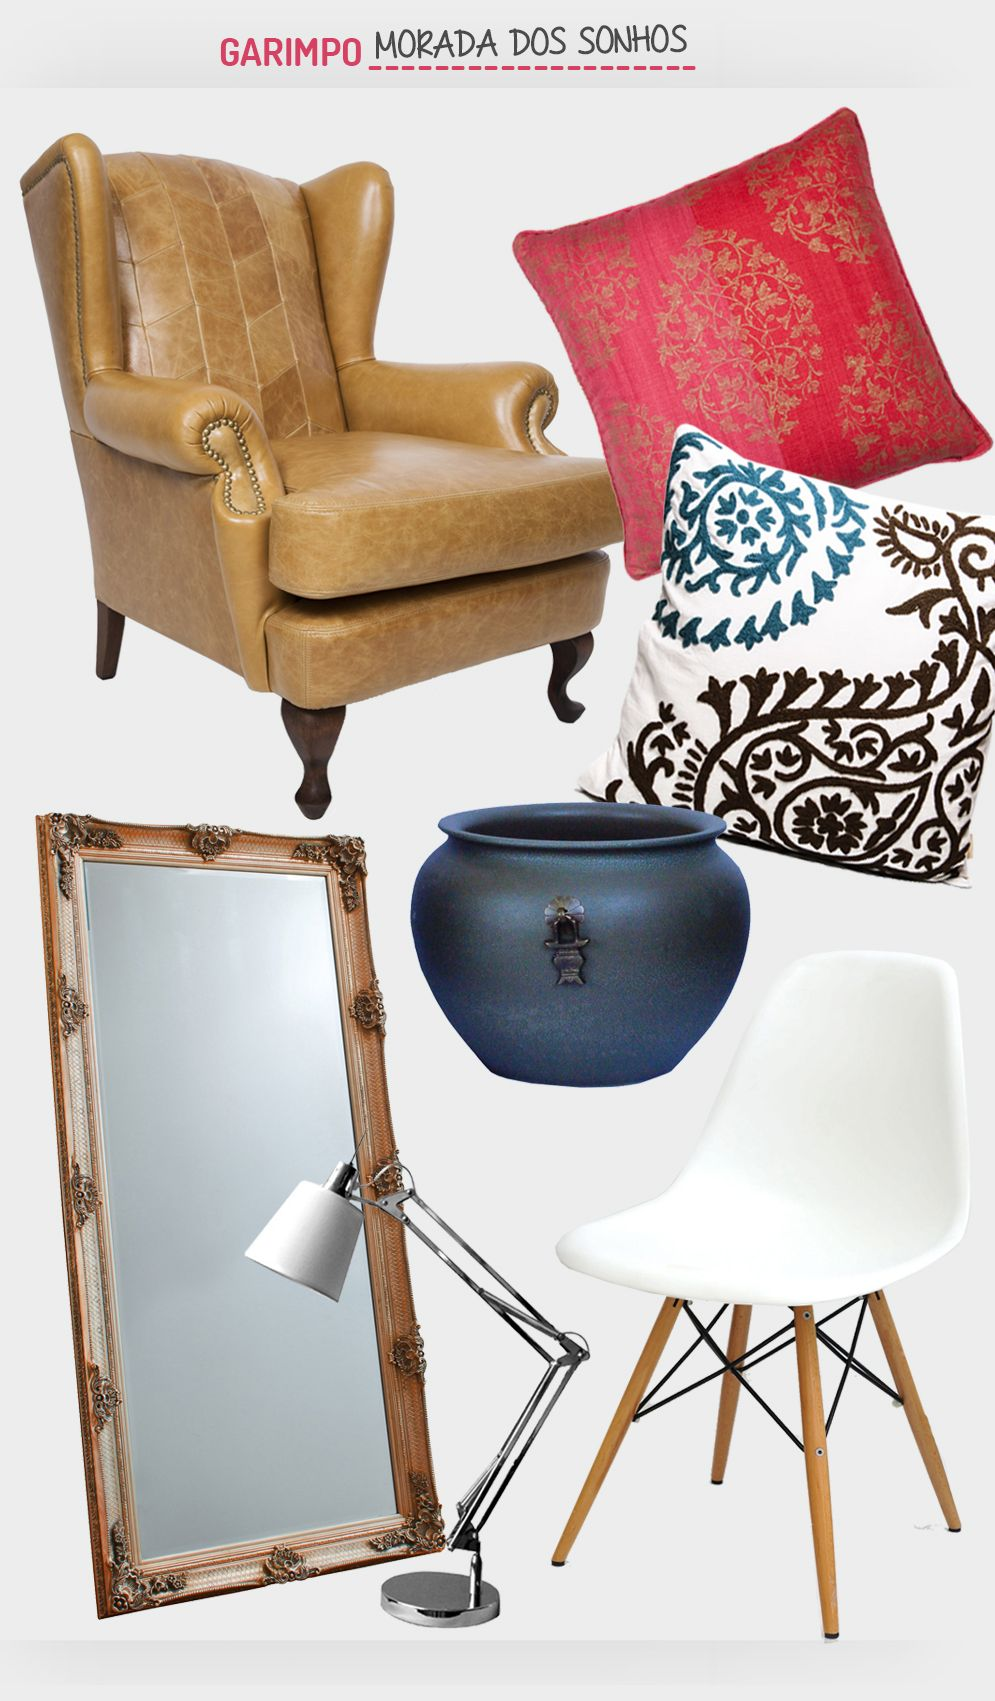 Morada dos sonhos em Madri. Veja: http://casadevalentina.com.br/blog/detalhes/morada-dos-sonhos-em-madri-3216 #decor #decoracao #interior #design #casa #home #house #idea #ideia #detalhes #details #style #estilo #casadevalentina #madri #produtos #products